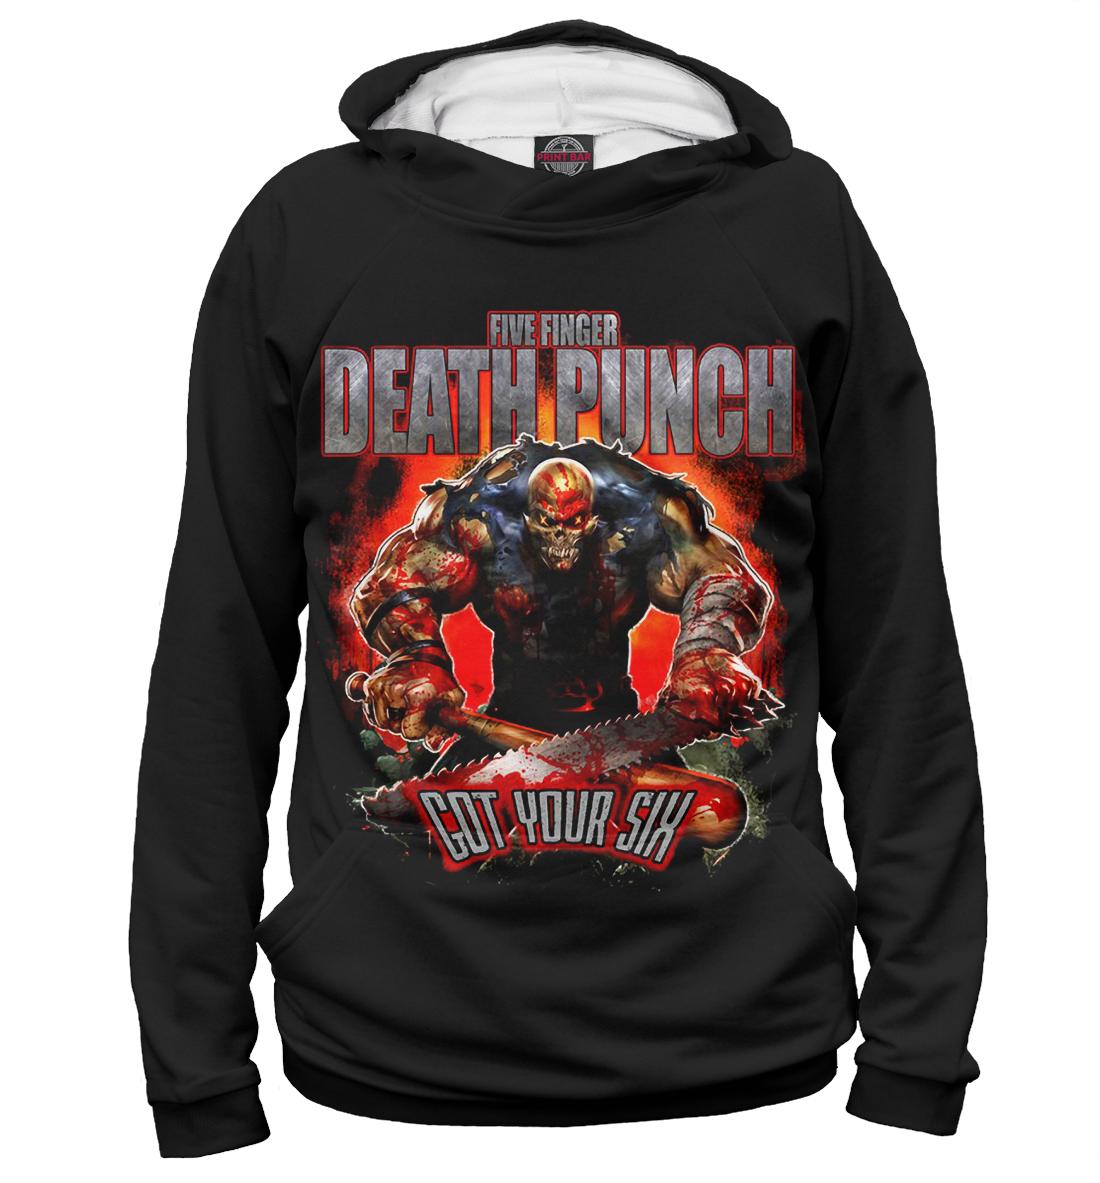 Купить Five Finger Death Punch Got Your Six, Printbar, Худи, FFD-742727-hud-2